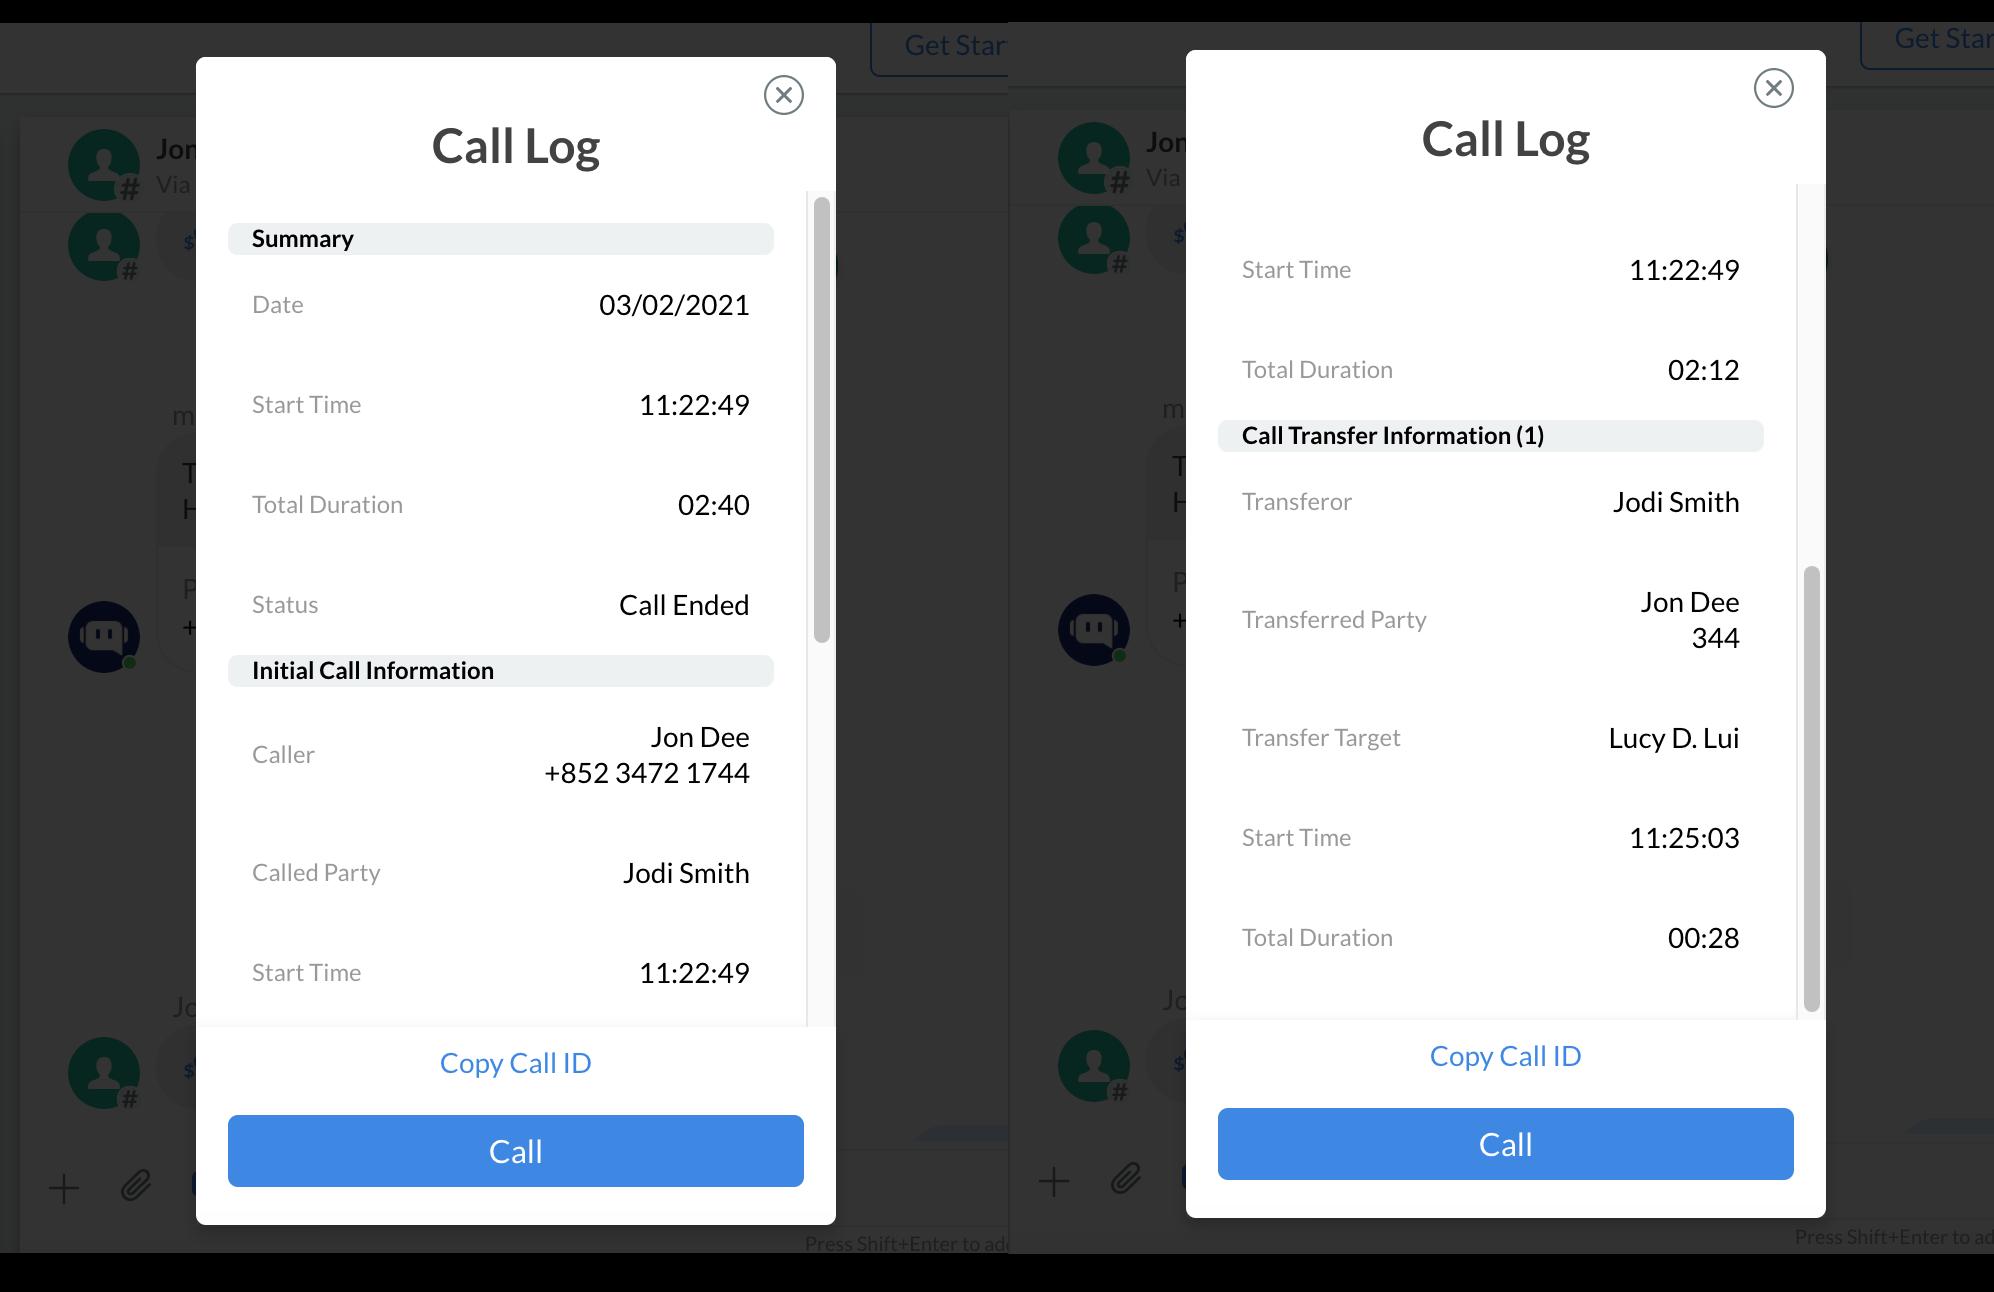 Call Log of a Call Transfer